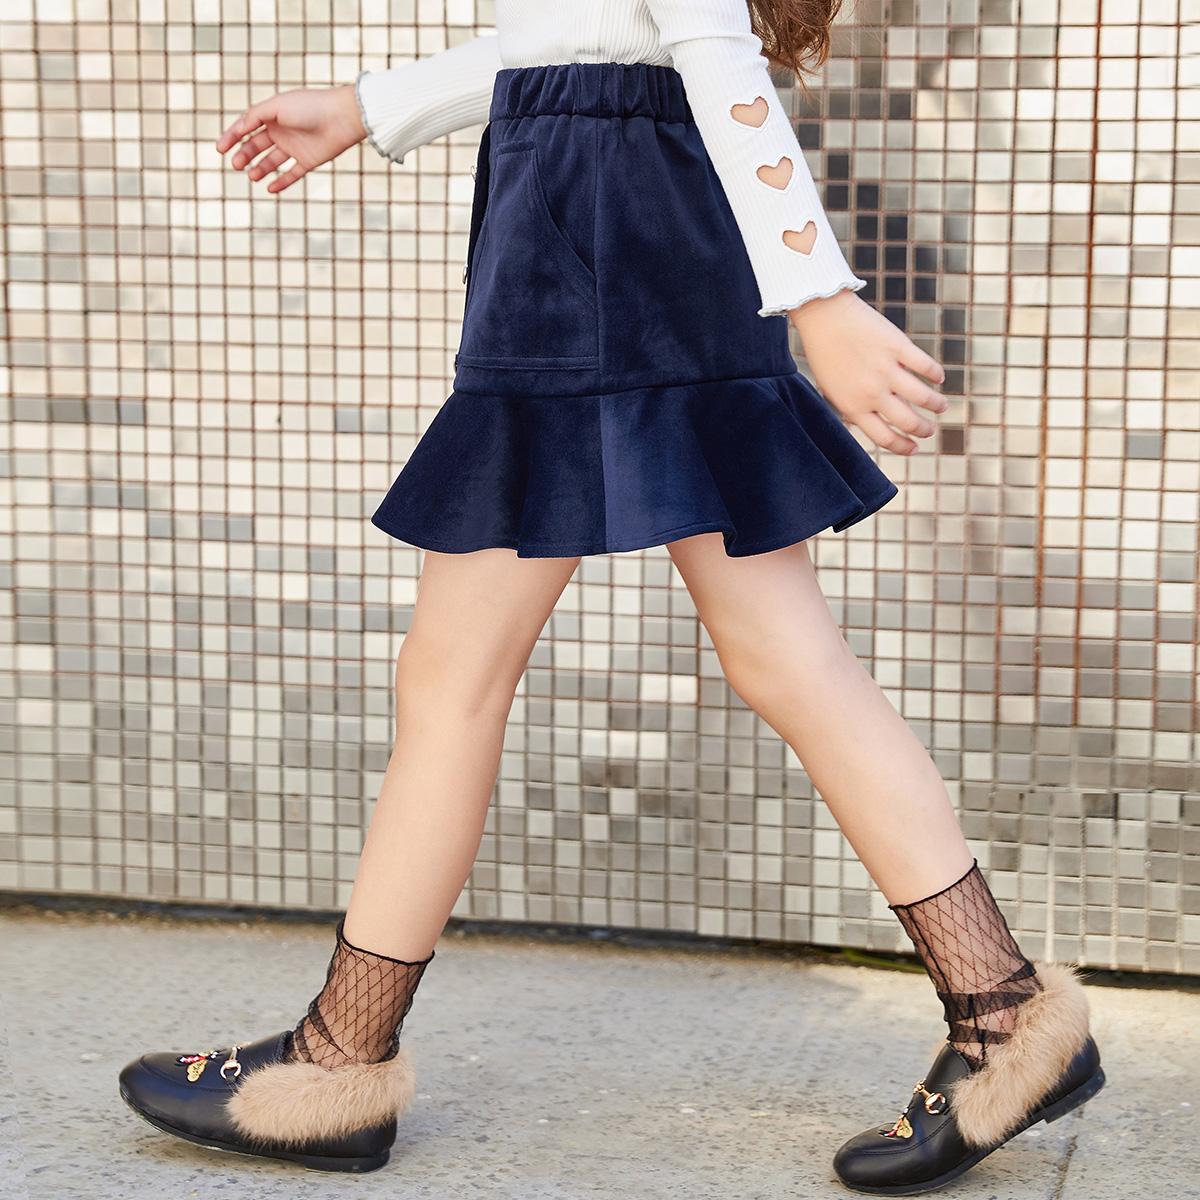 衣品天成童装2020春秋新款女童中大儿童韩版洋气时尚半身短裙子